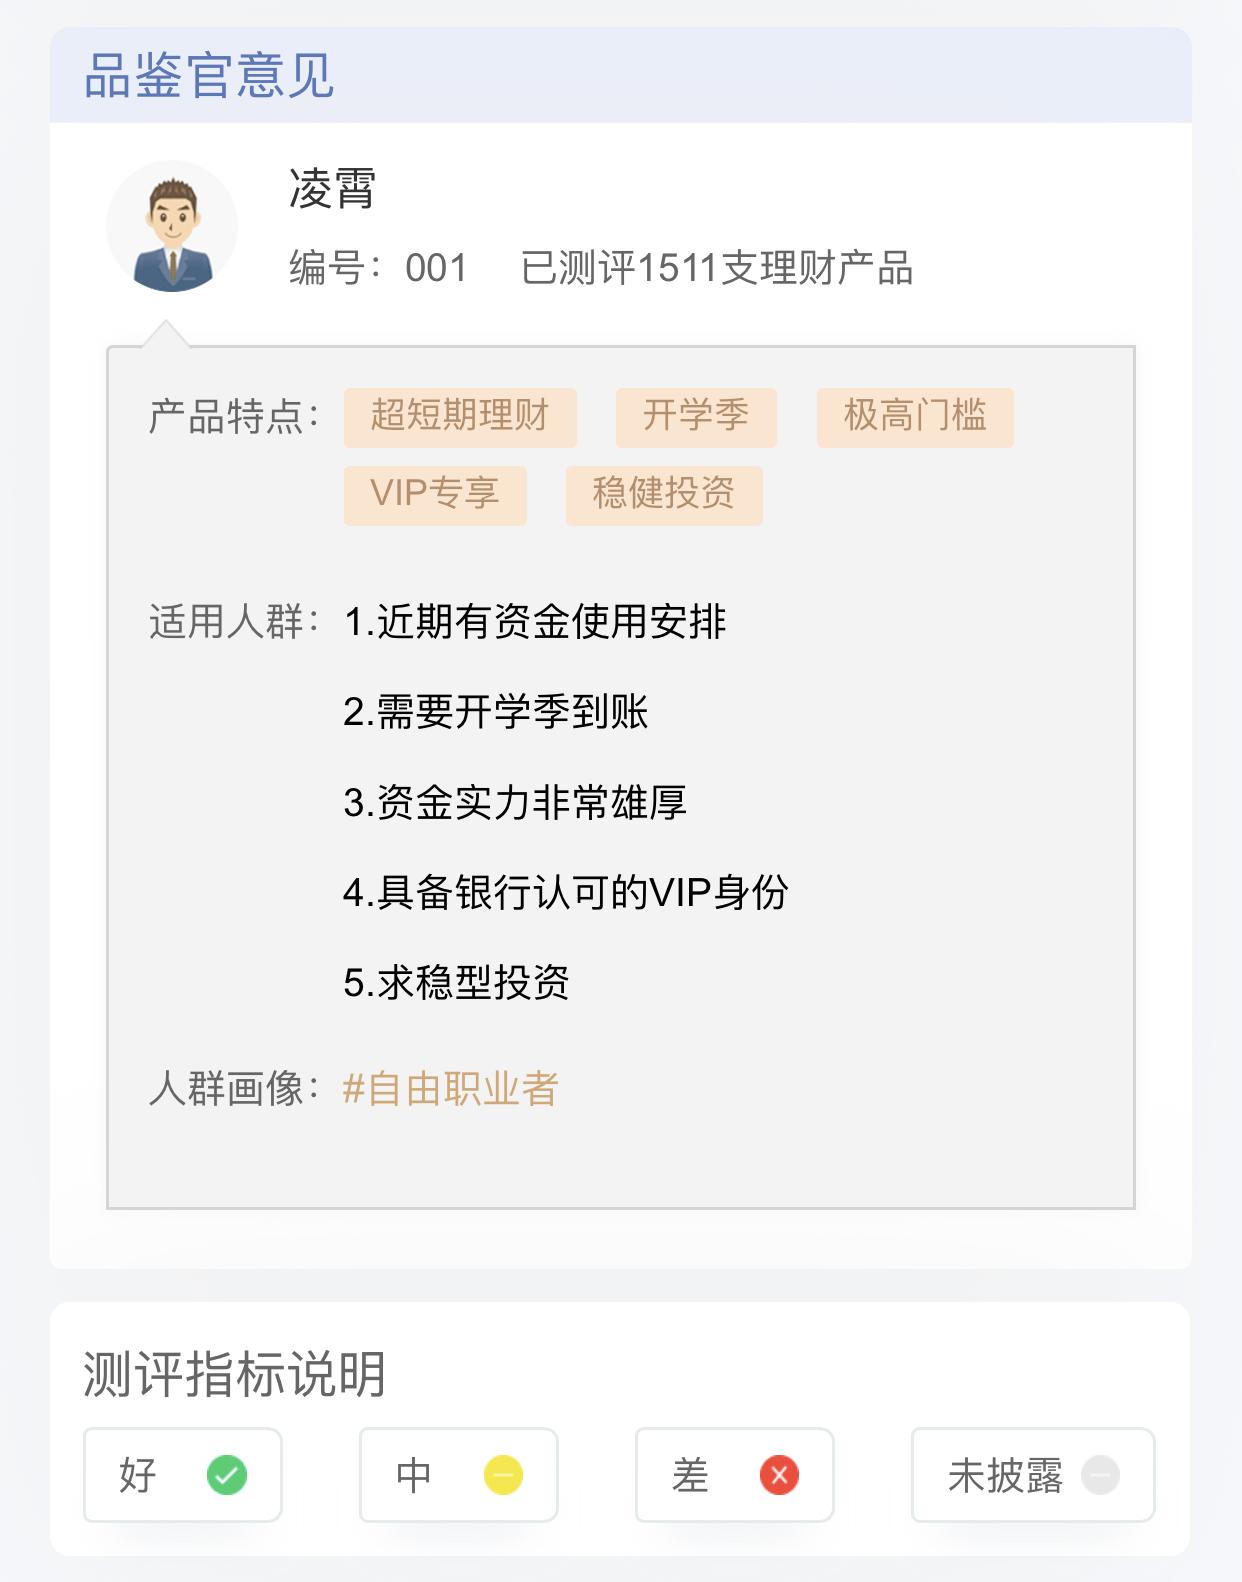 理财产品测评:中信银行·乐赢成长强债日开净值型人民币理财产品